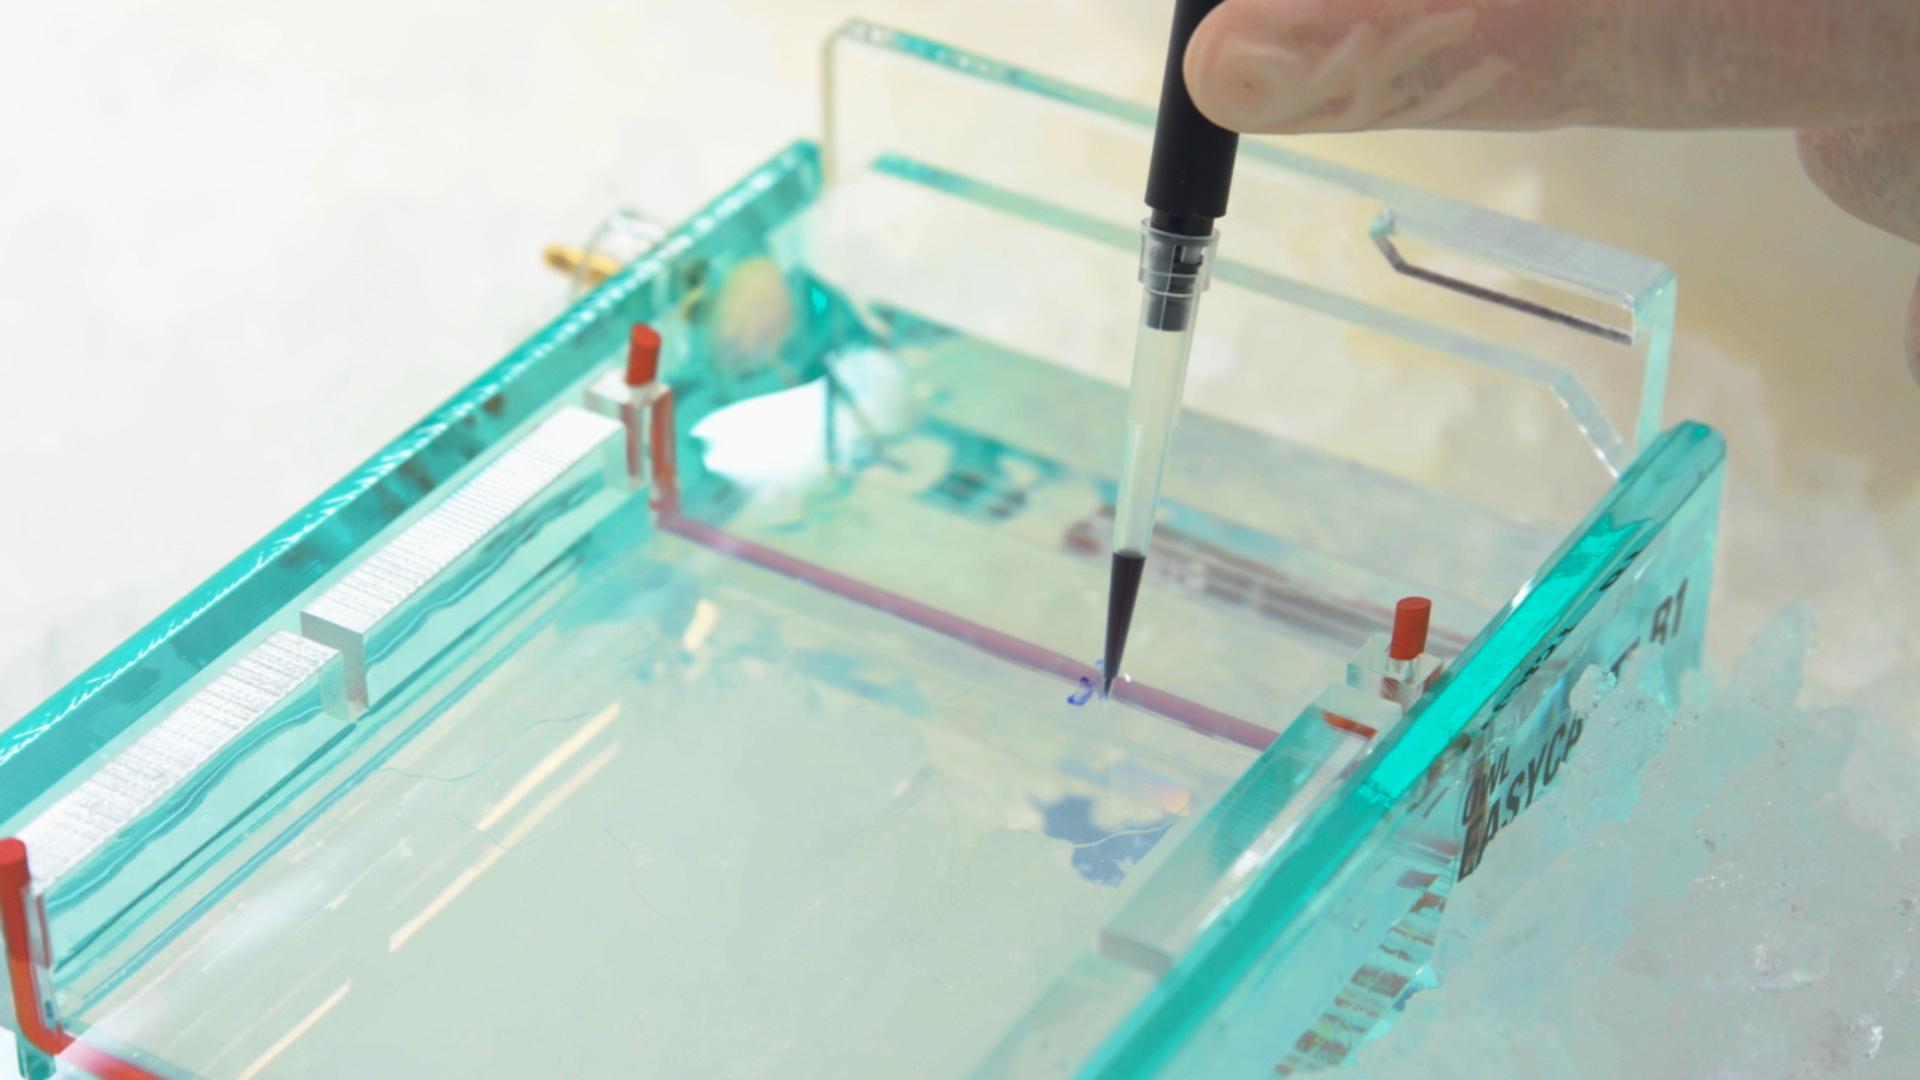 Montage von Gold Laptops in chiralen plasmonische Metamolecules mit DNA Origami Vorlagen thumbnail